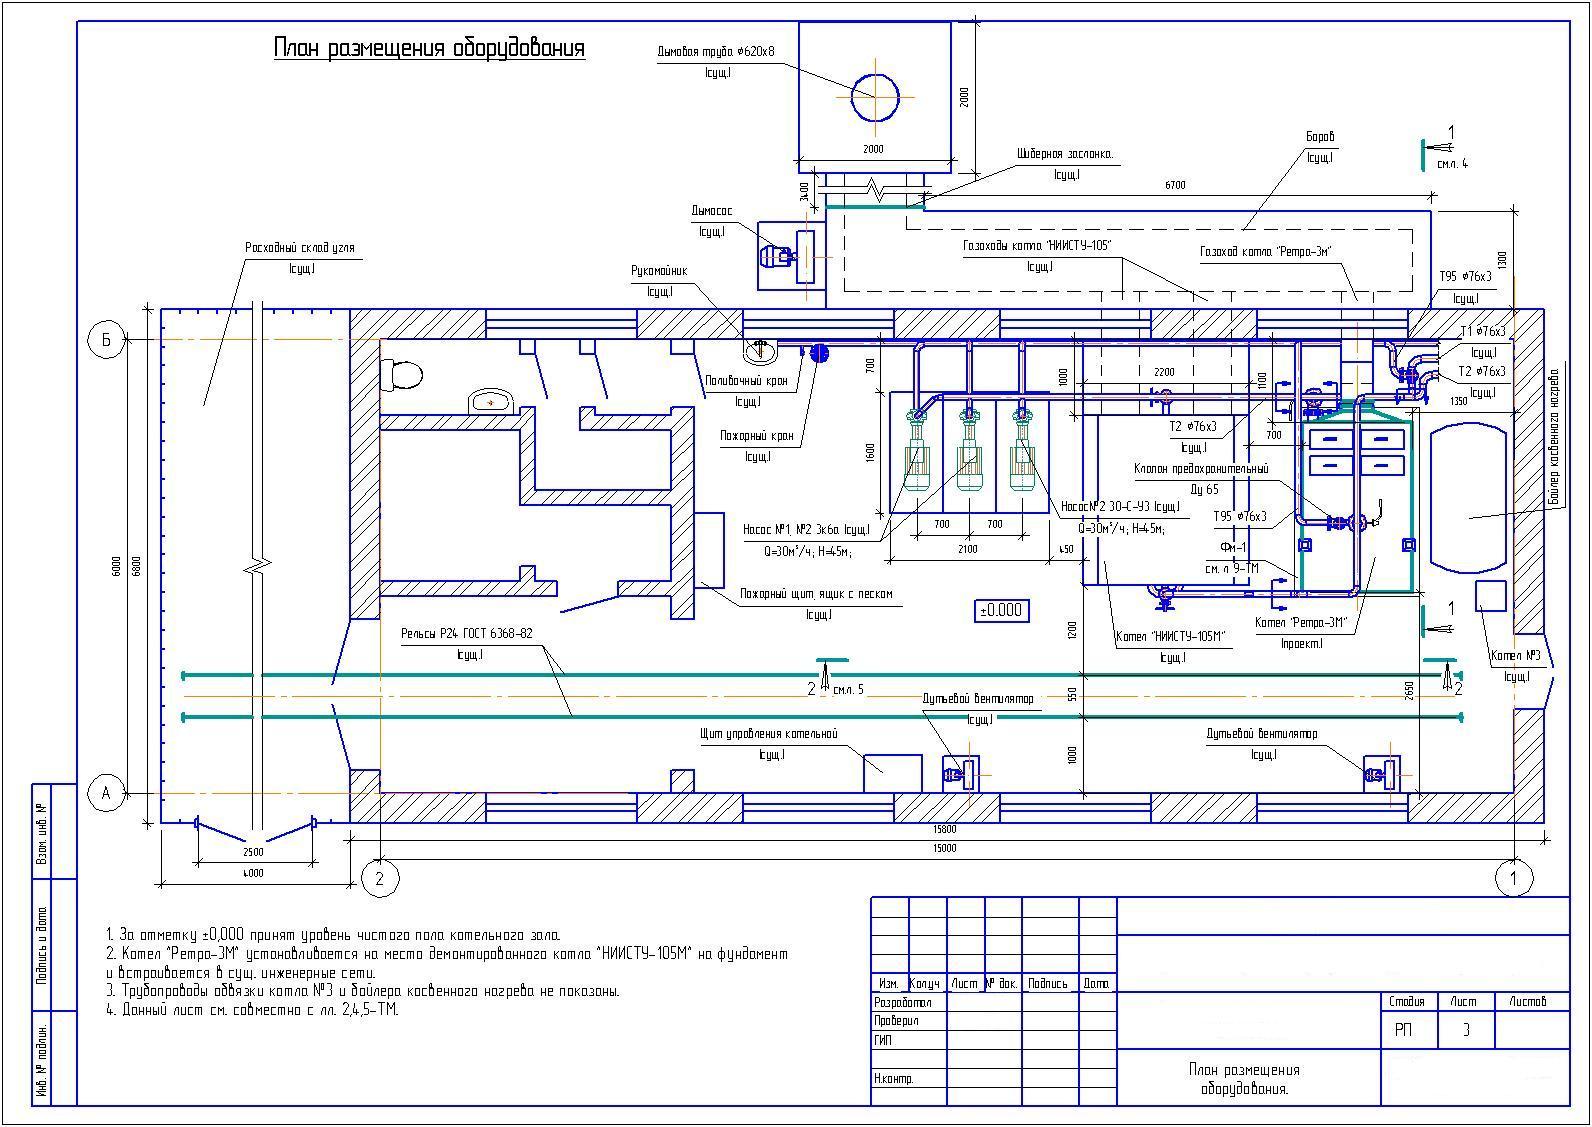 План схема использования оборудования